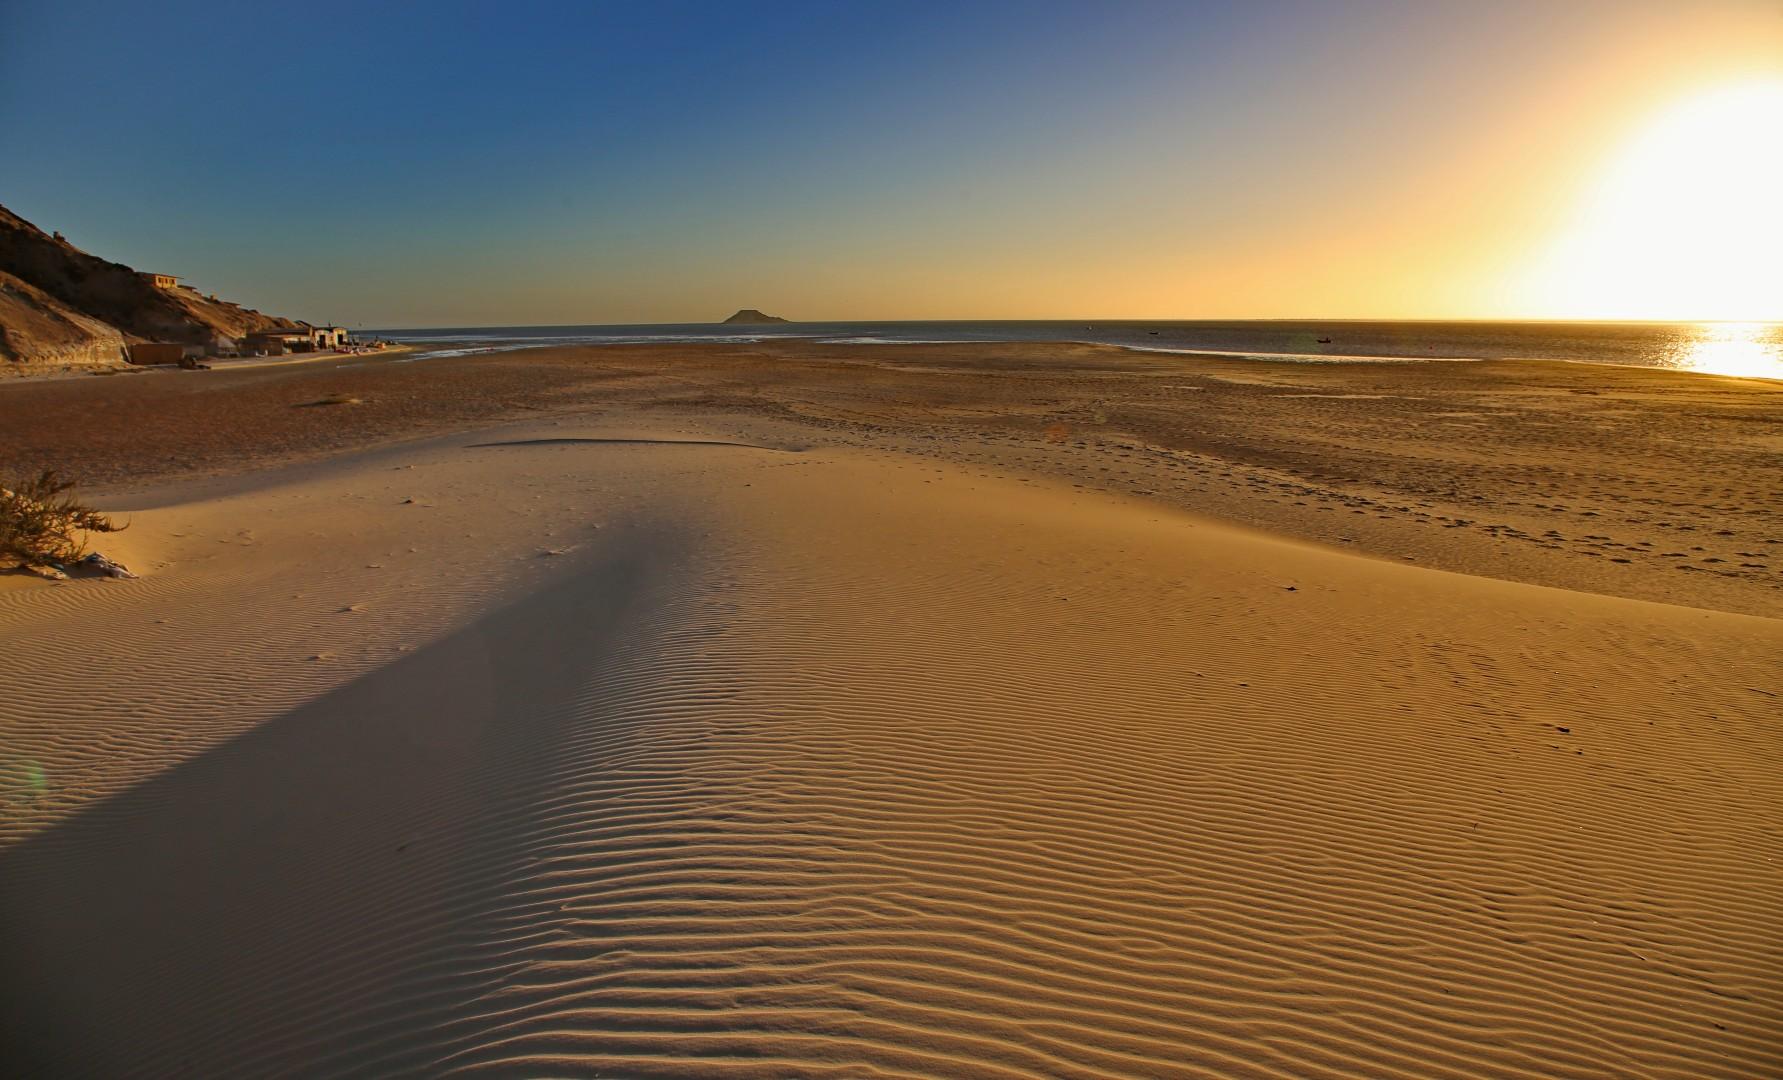 Donnavventura in Marocco